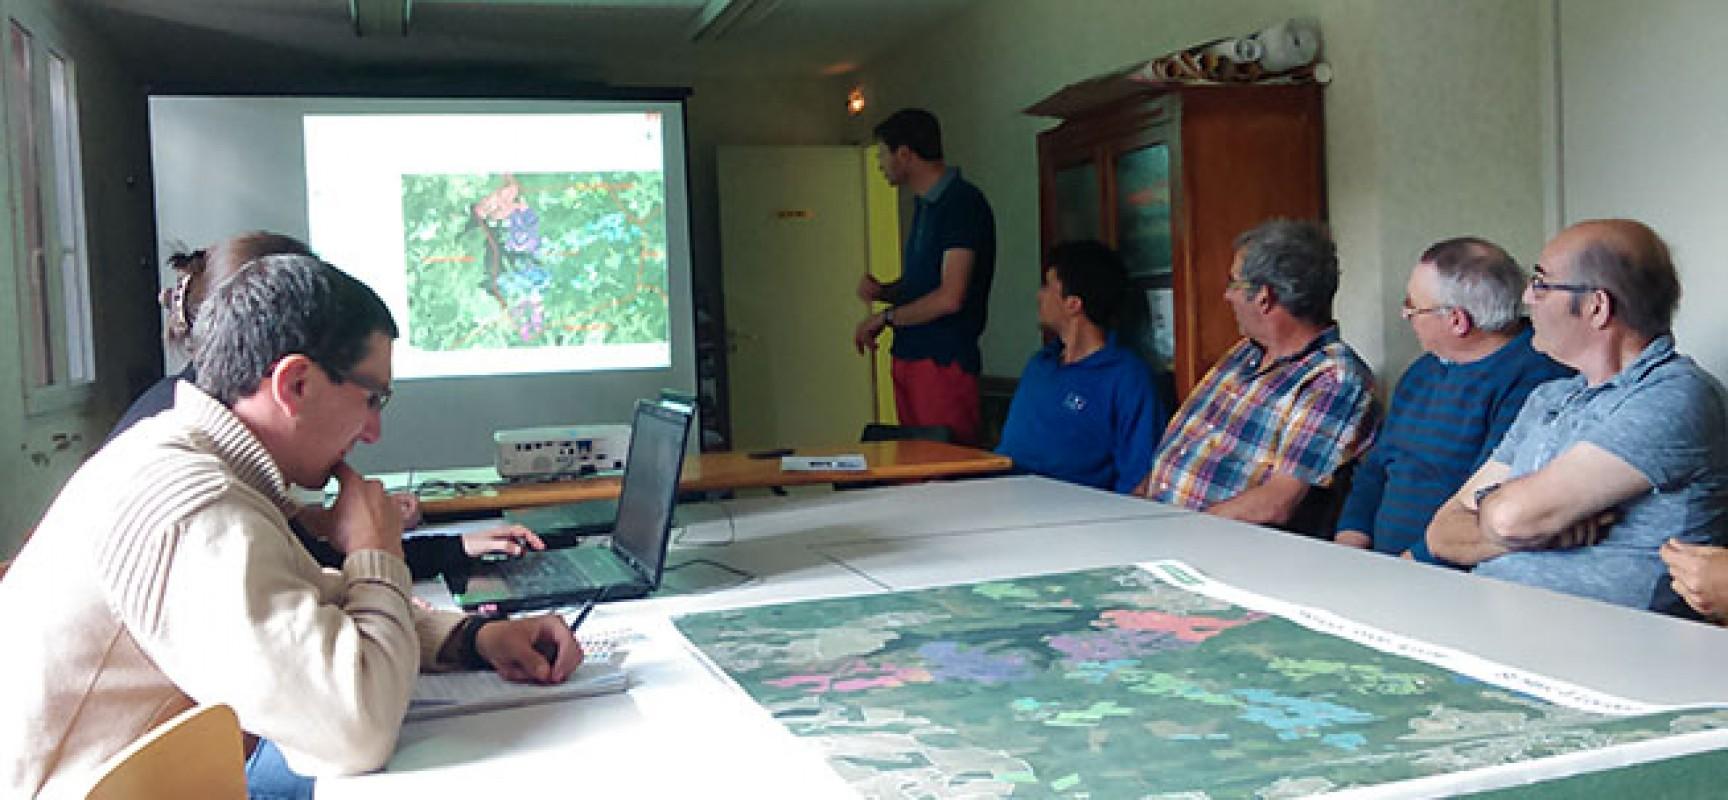 Diagnostic foncier agricole, le bilan des réunions publiques : votre avis nous intéresse !